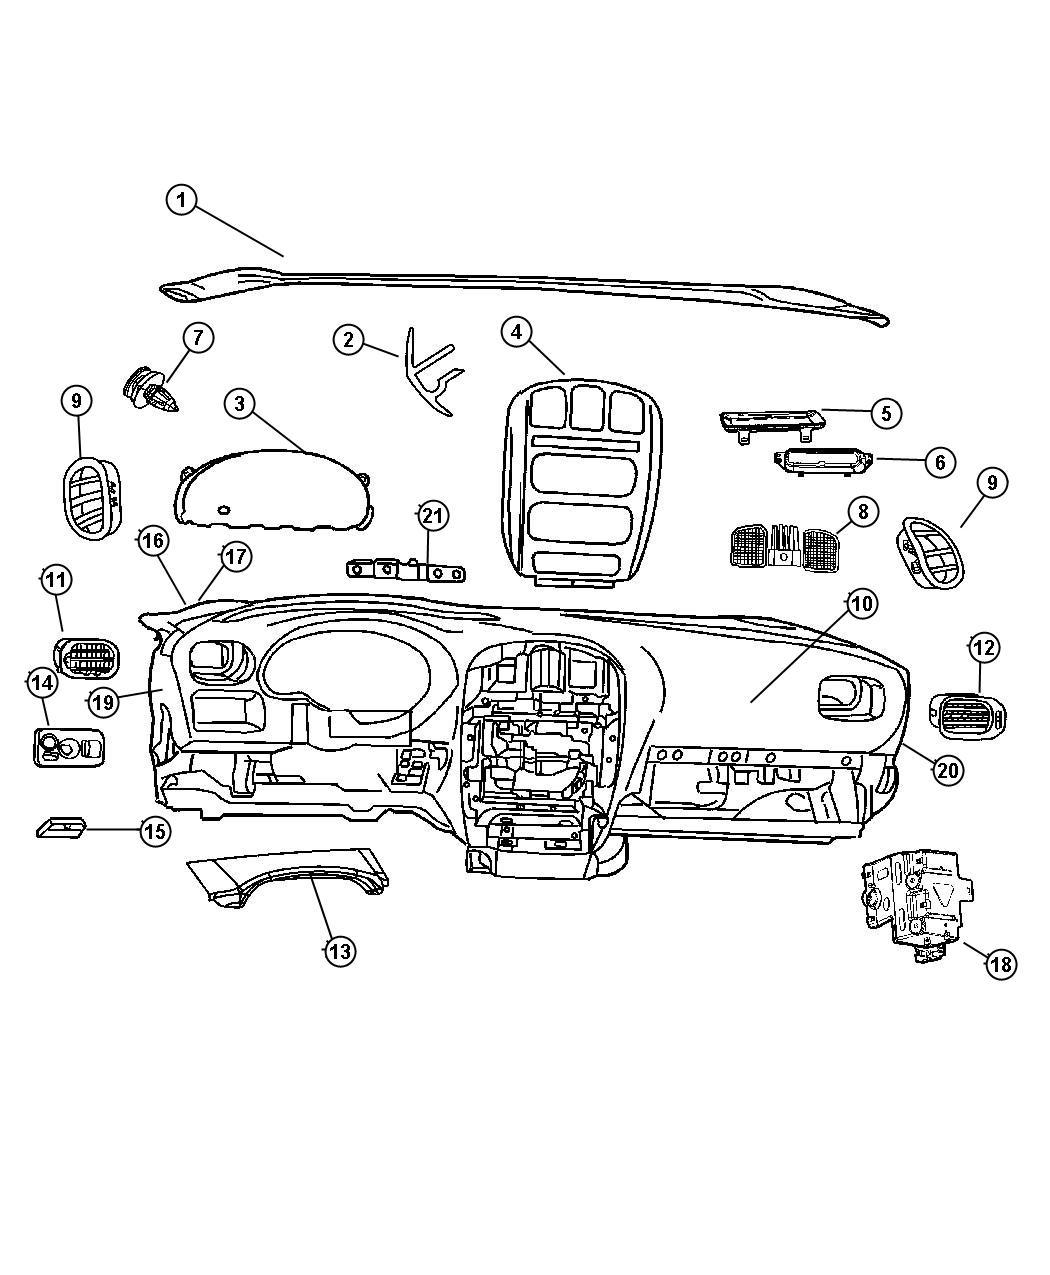 Dodge Grand Caravan Bezel. Instrument panel. Center